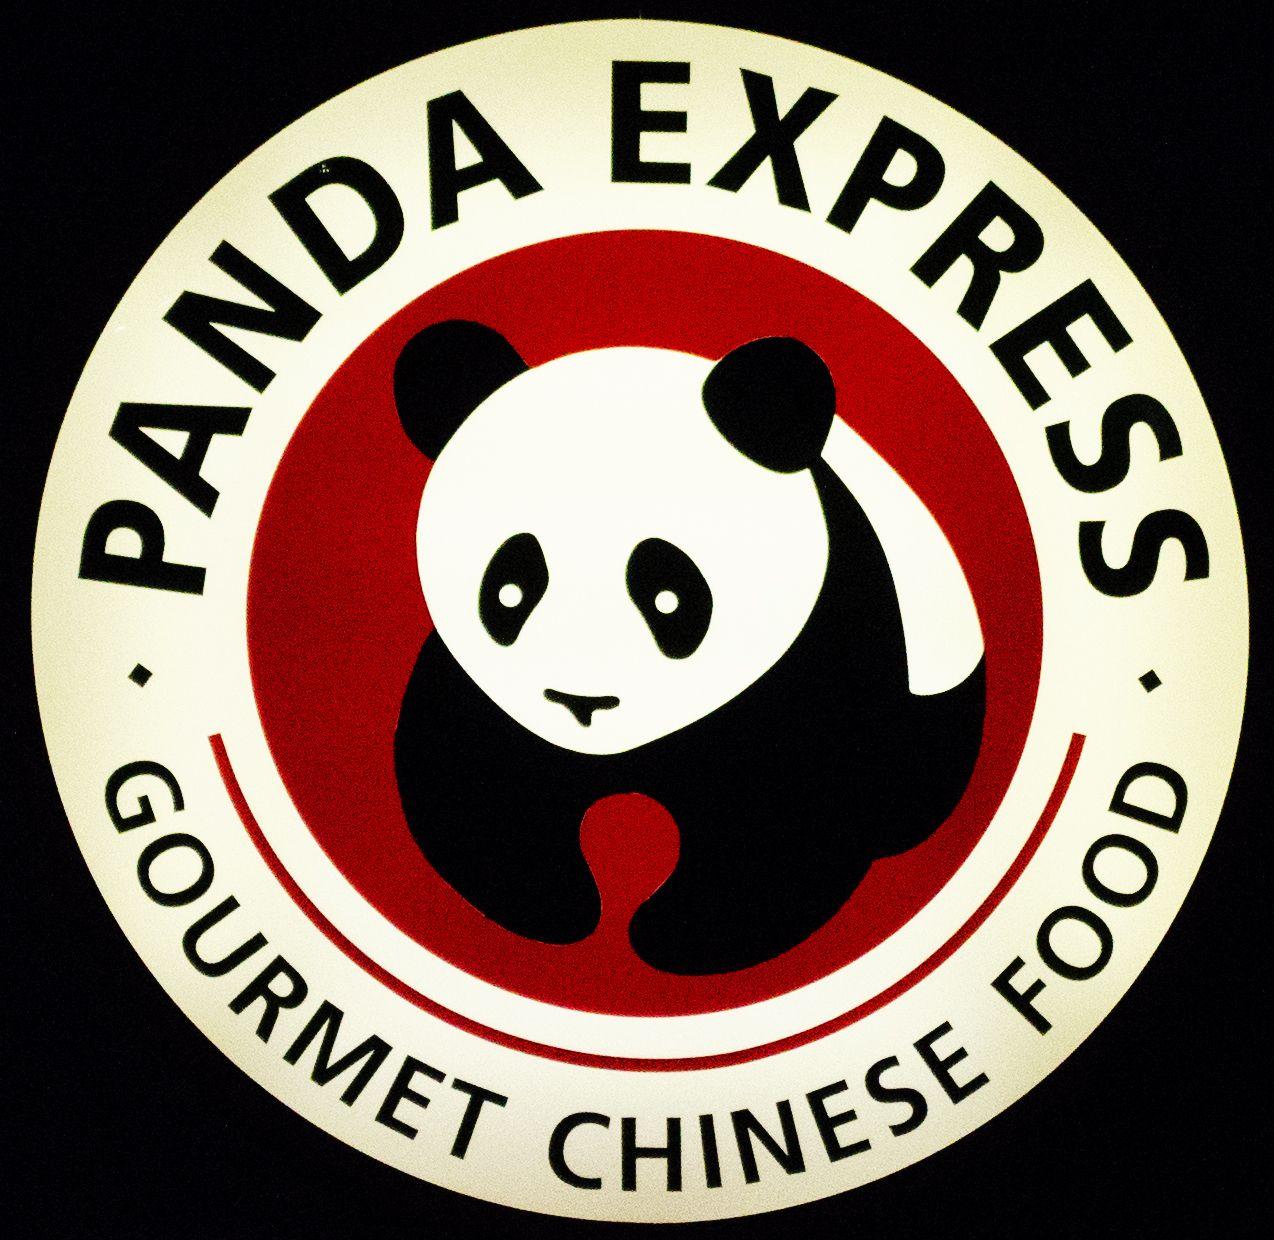 Panda express panda express orange chicken panda